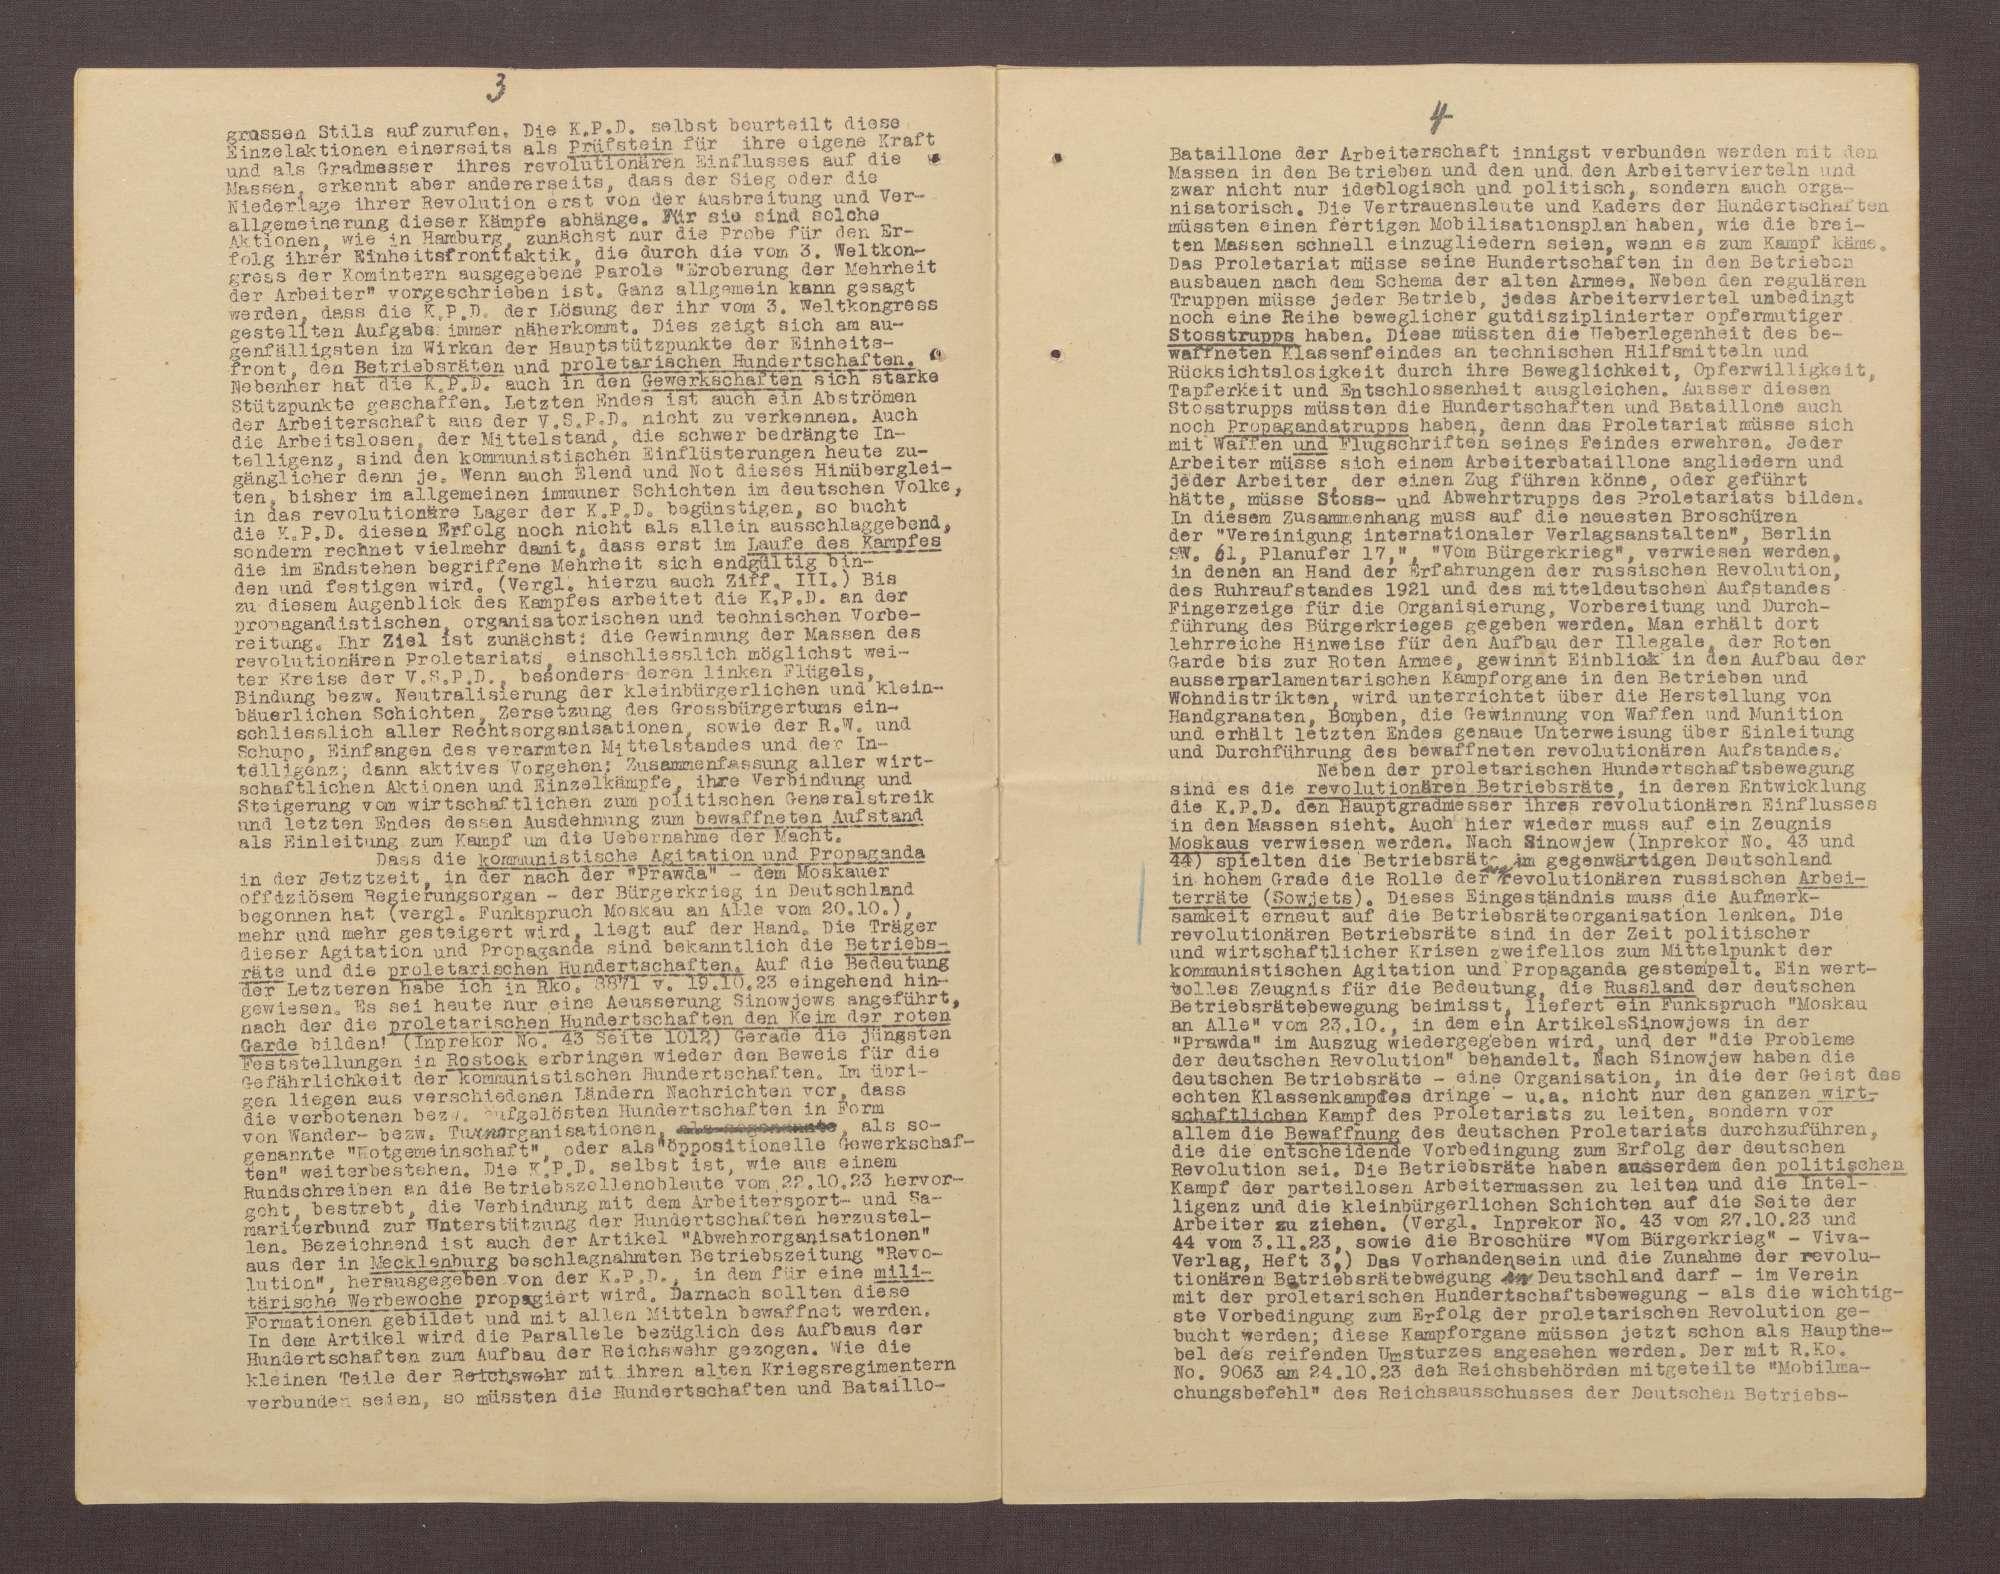 Lageberichte des Reichskommissars für Überwachung der öffentlichen Ordnung, Nr. 98, Bild 3